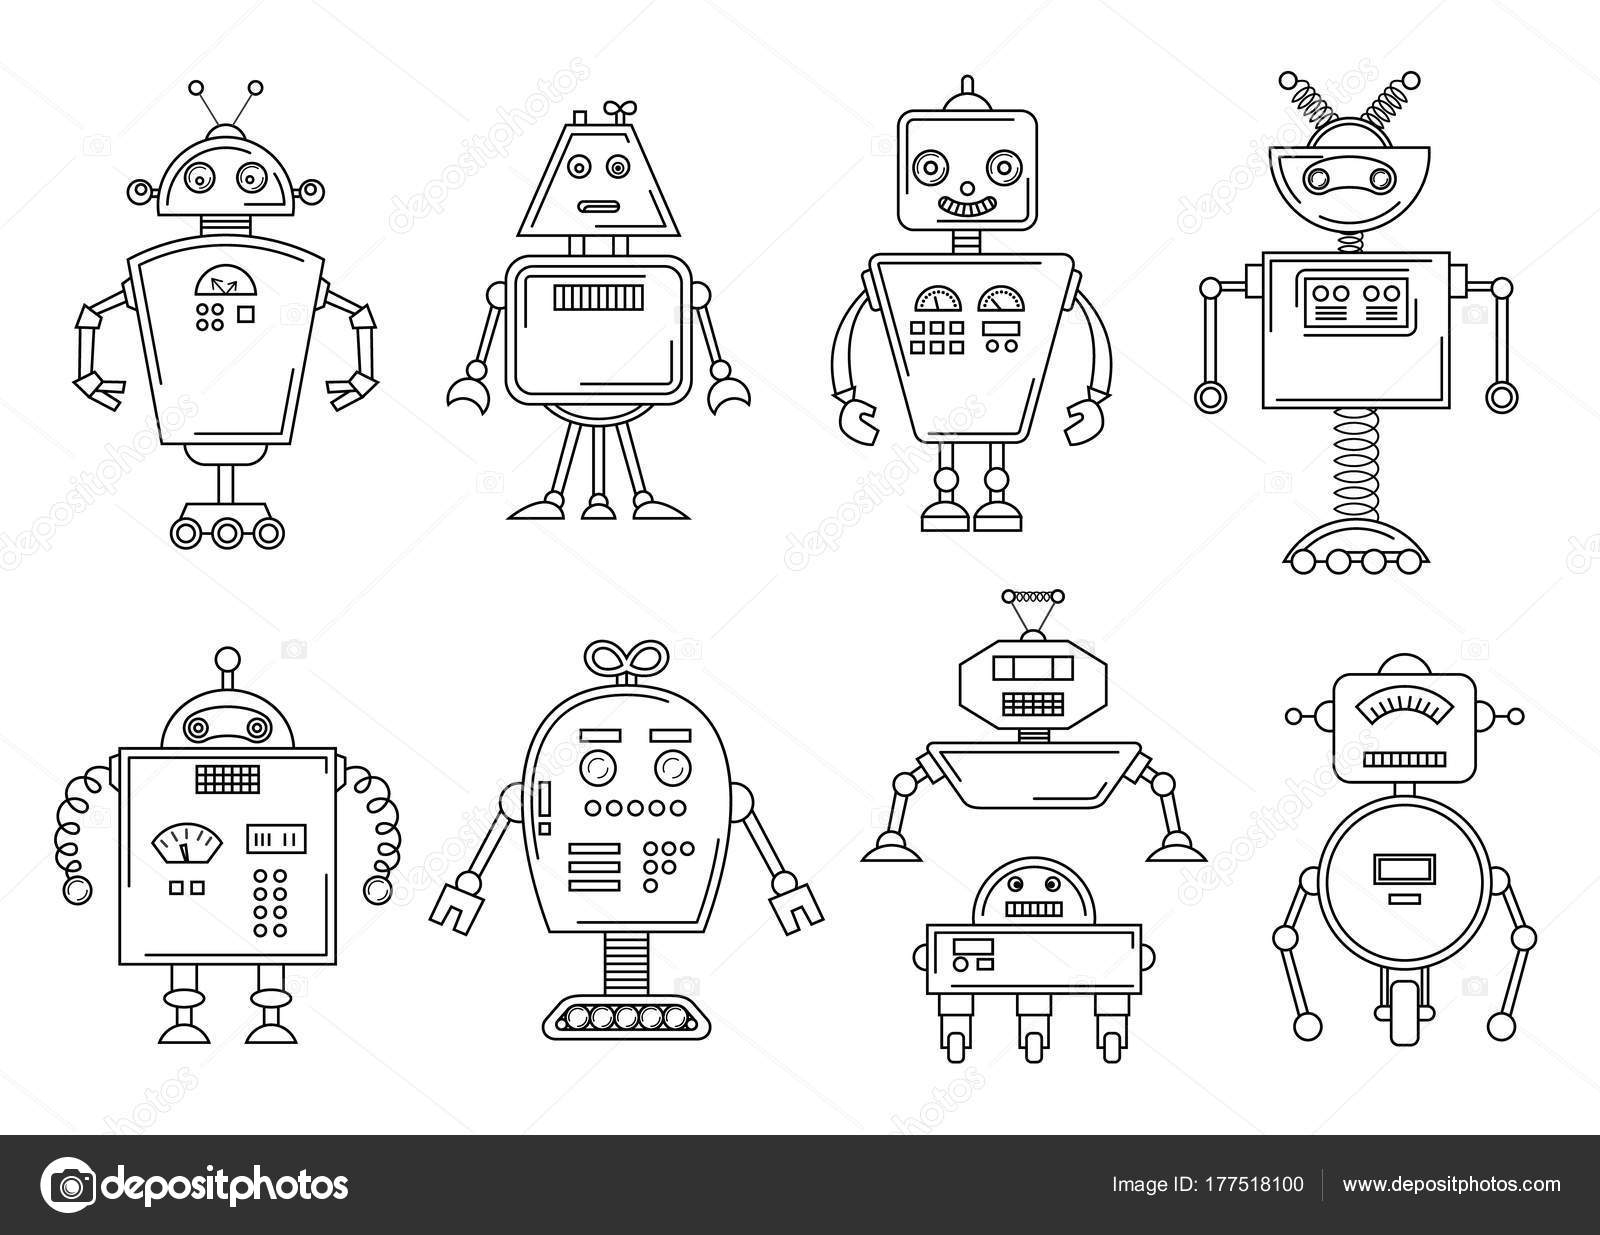 Vektör çizim Bir Robot Mekanik Karakter Tasarımı Dört Farklı